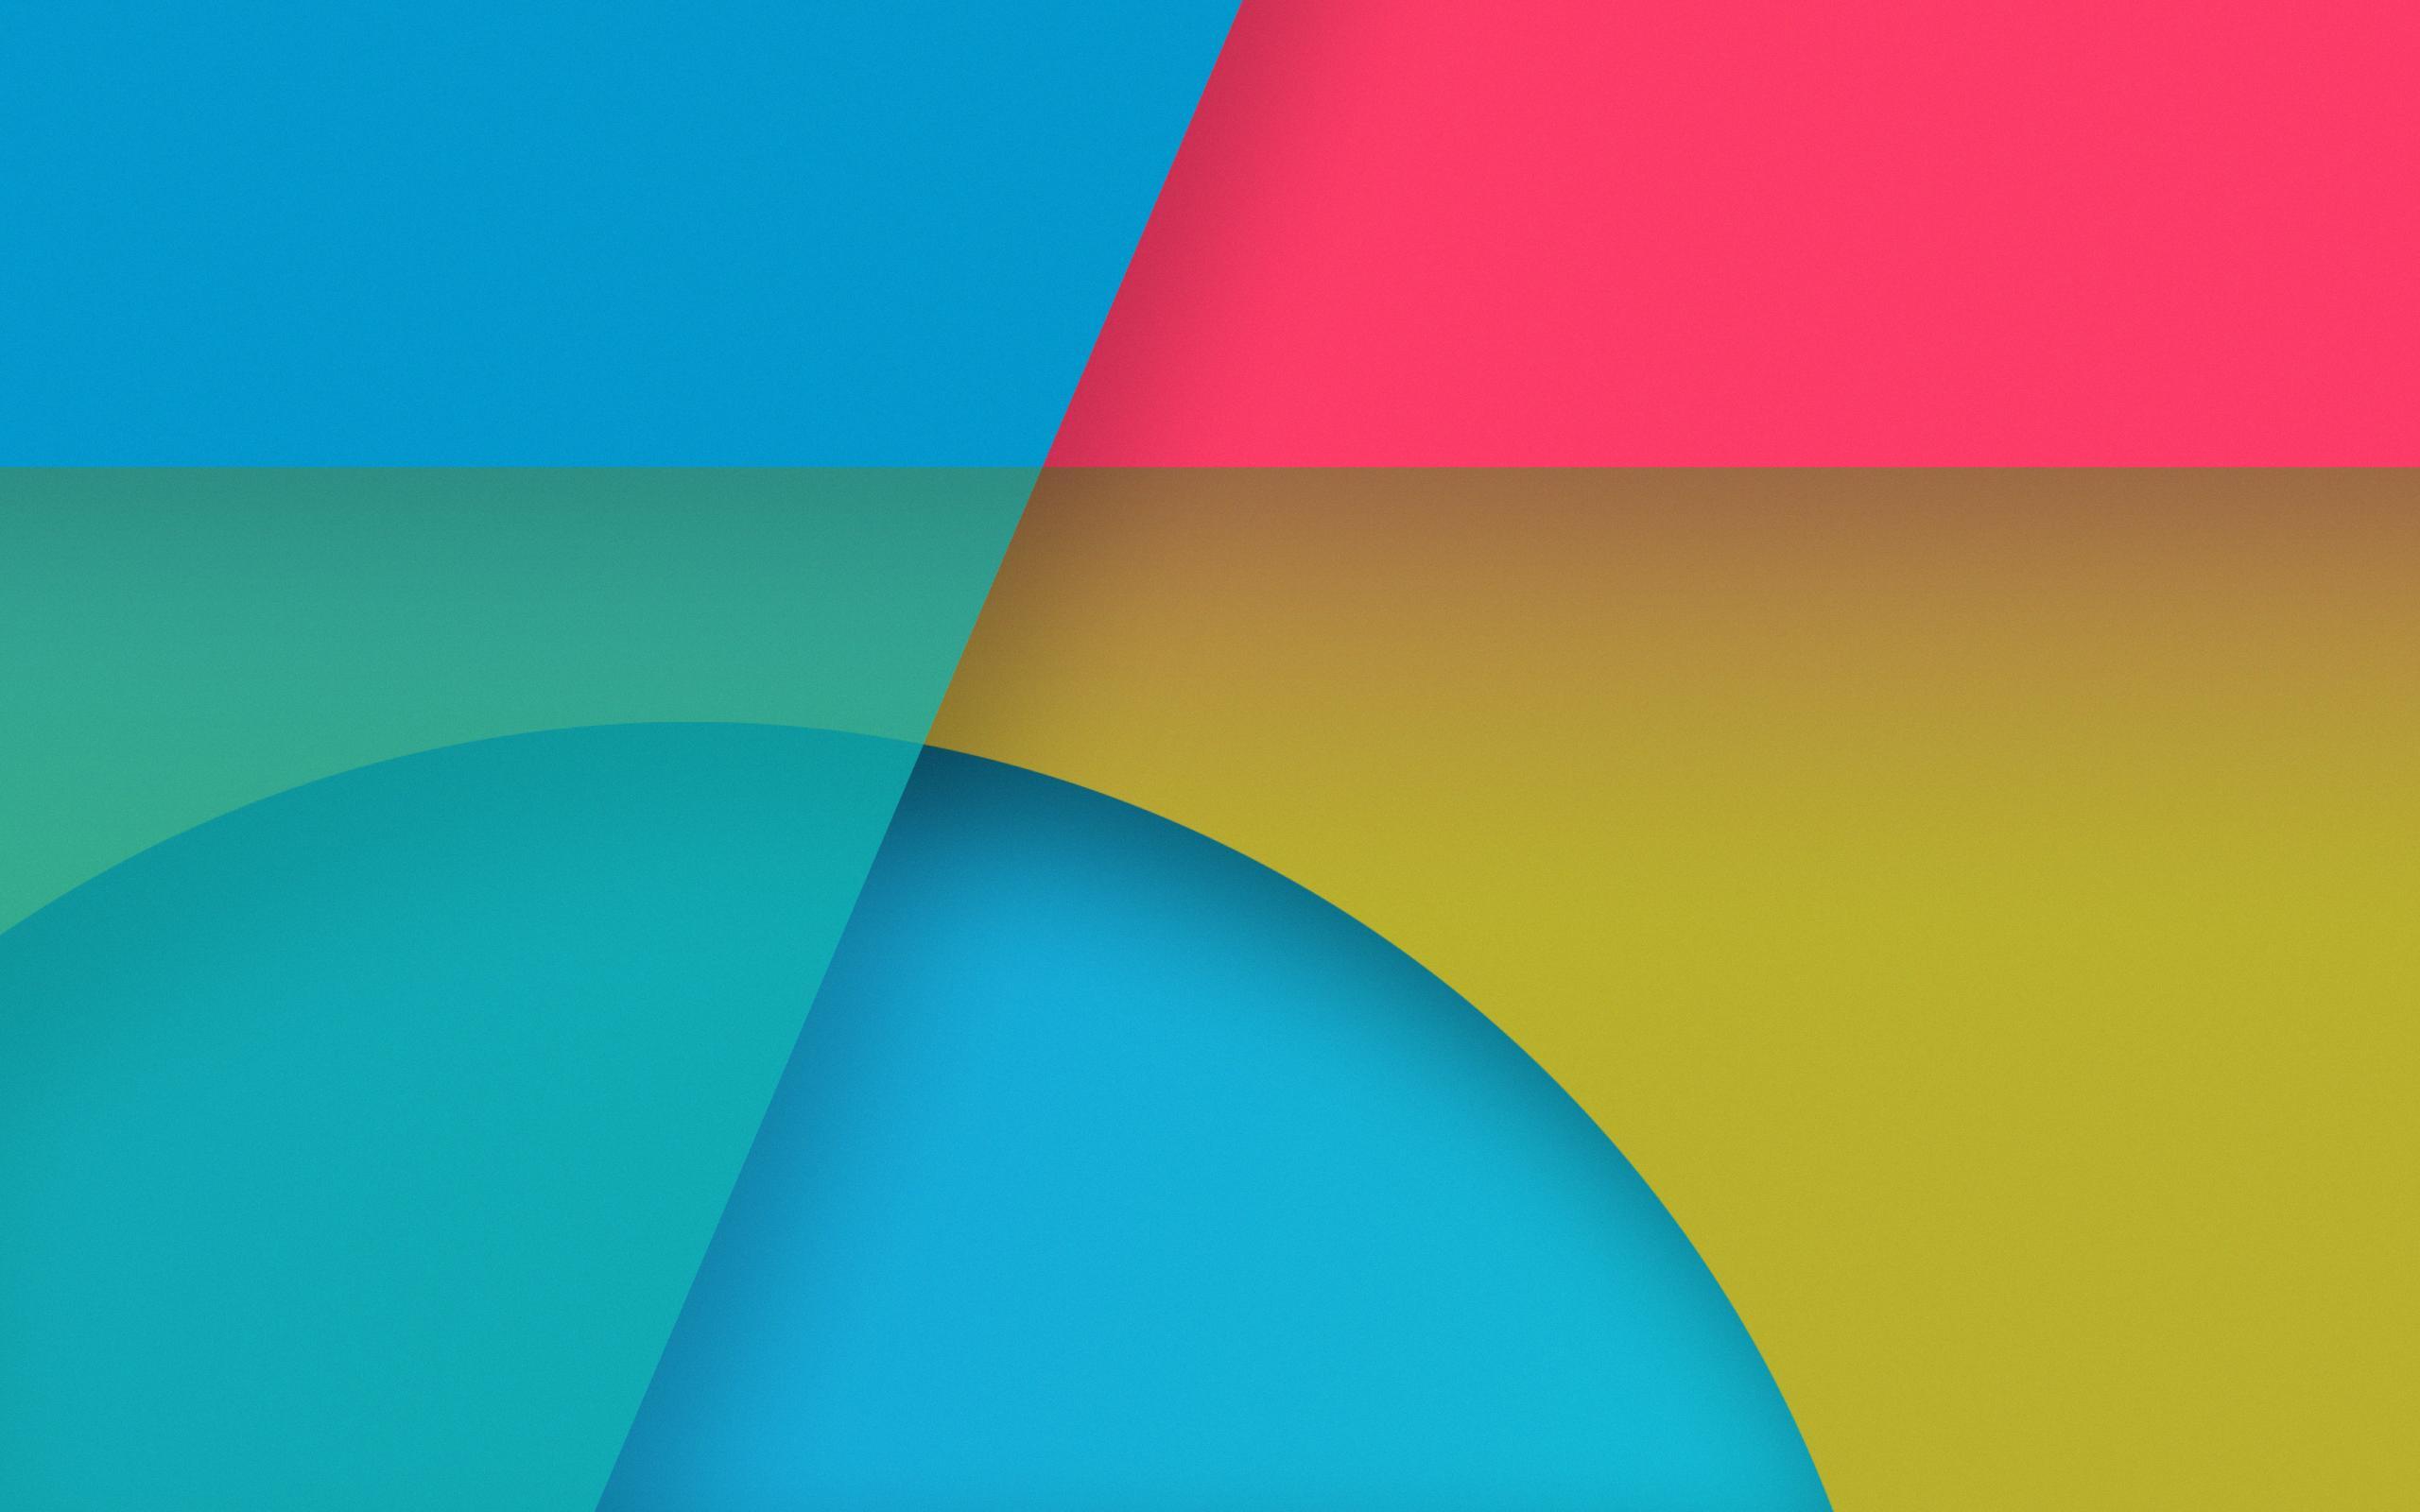 Nexus_5_HD_Wallpapers (14)